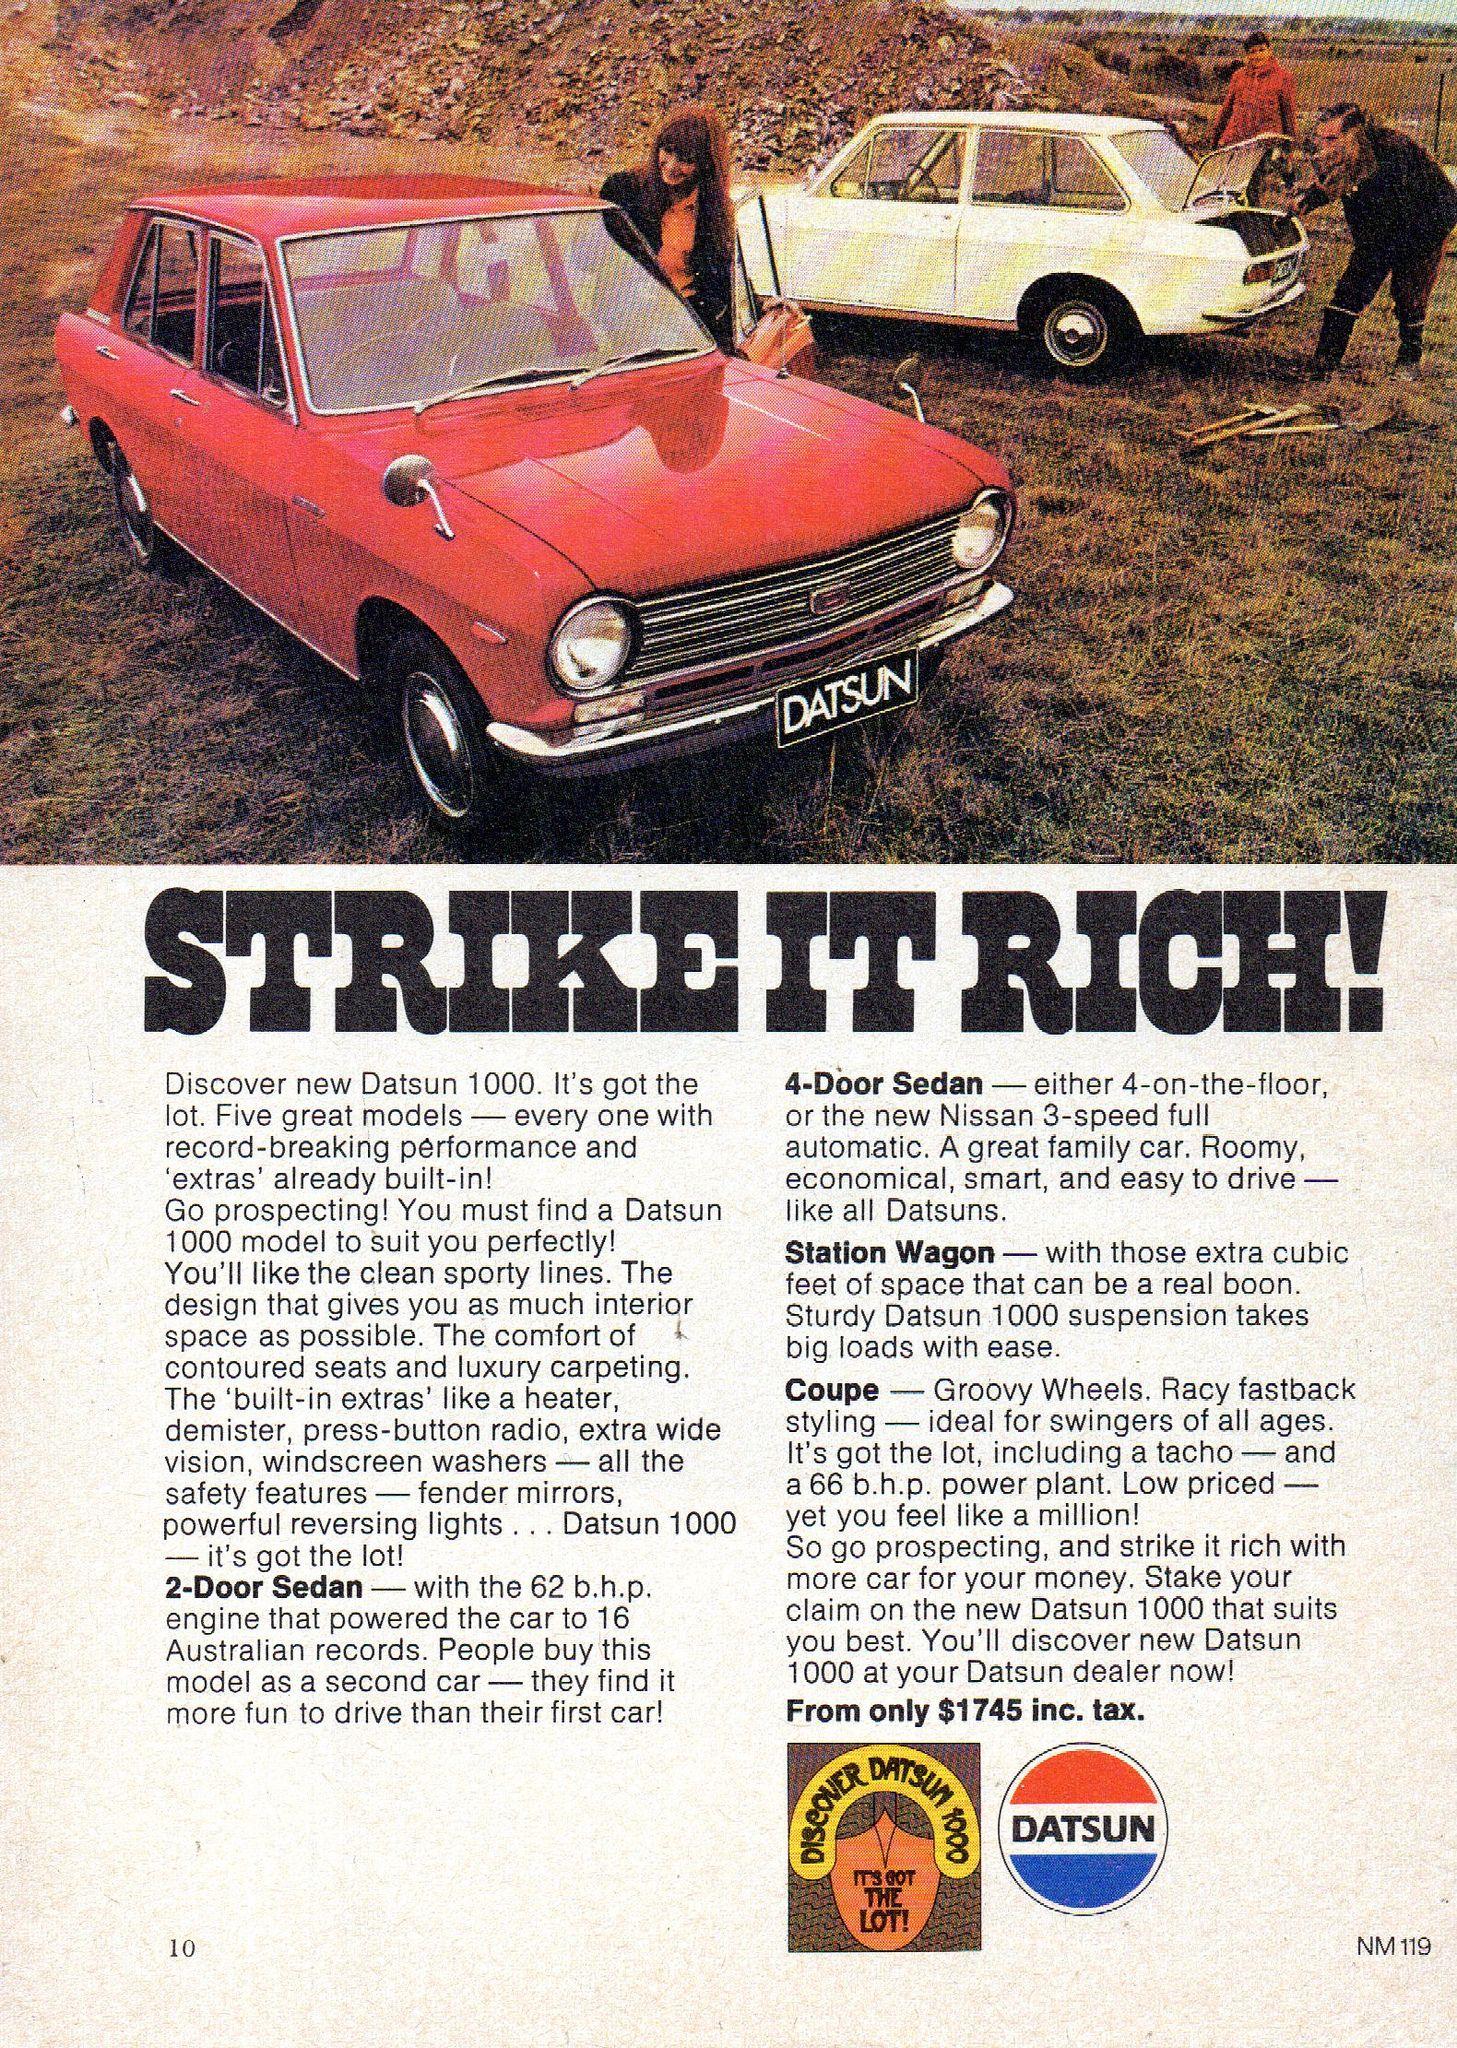 1970 Datsun 1000 Sedan & 2 Door Nissan Aussie Original